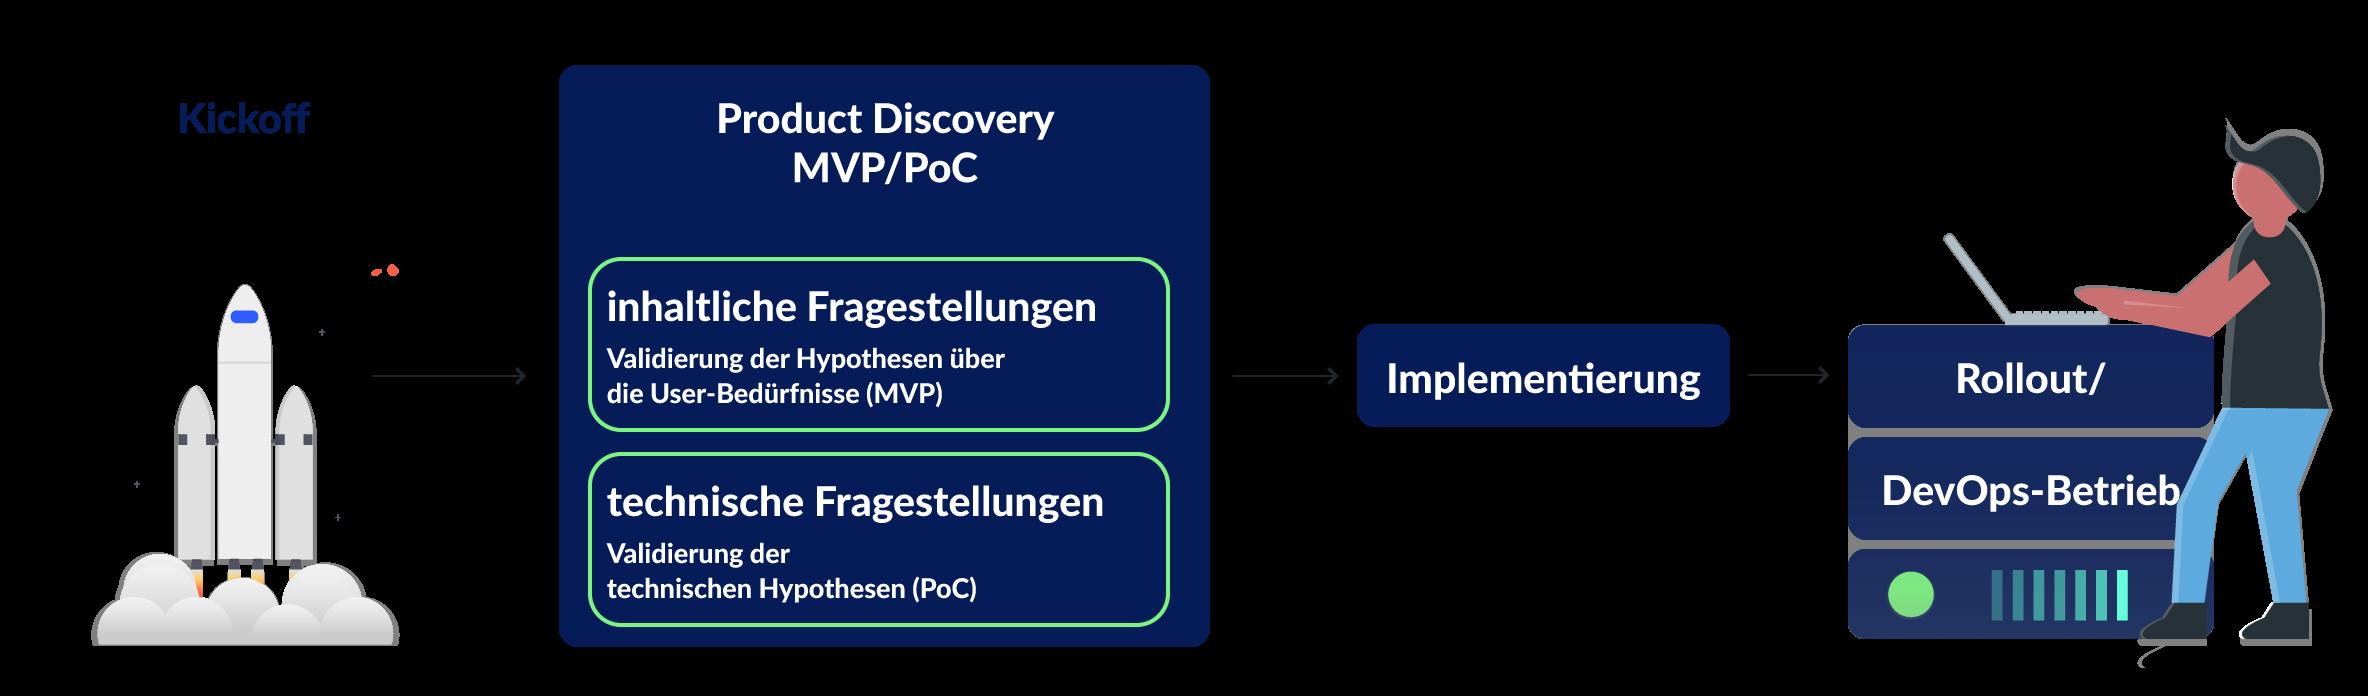 Entwicklungsschritte eines inovex Projects, schematisch dargestellt